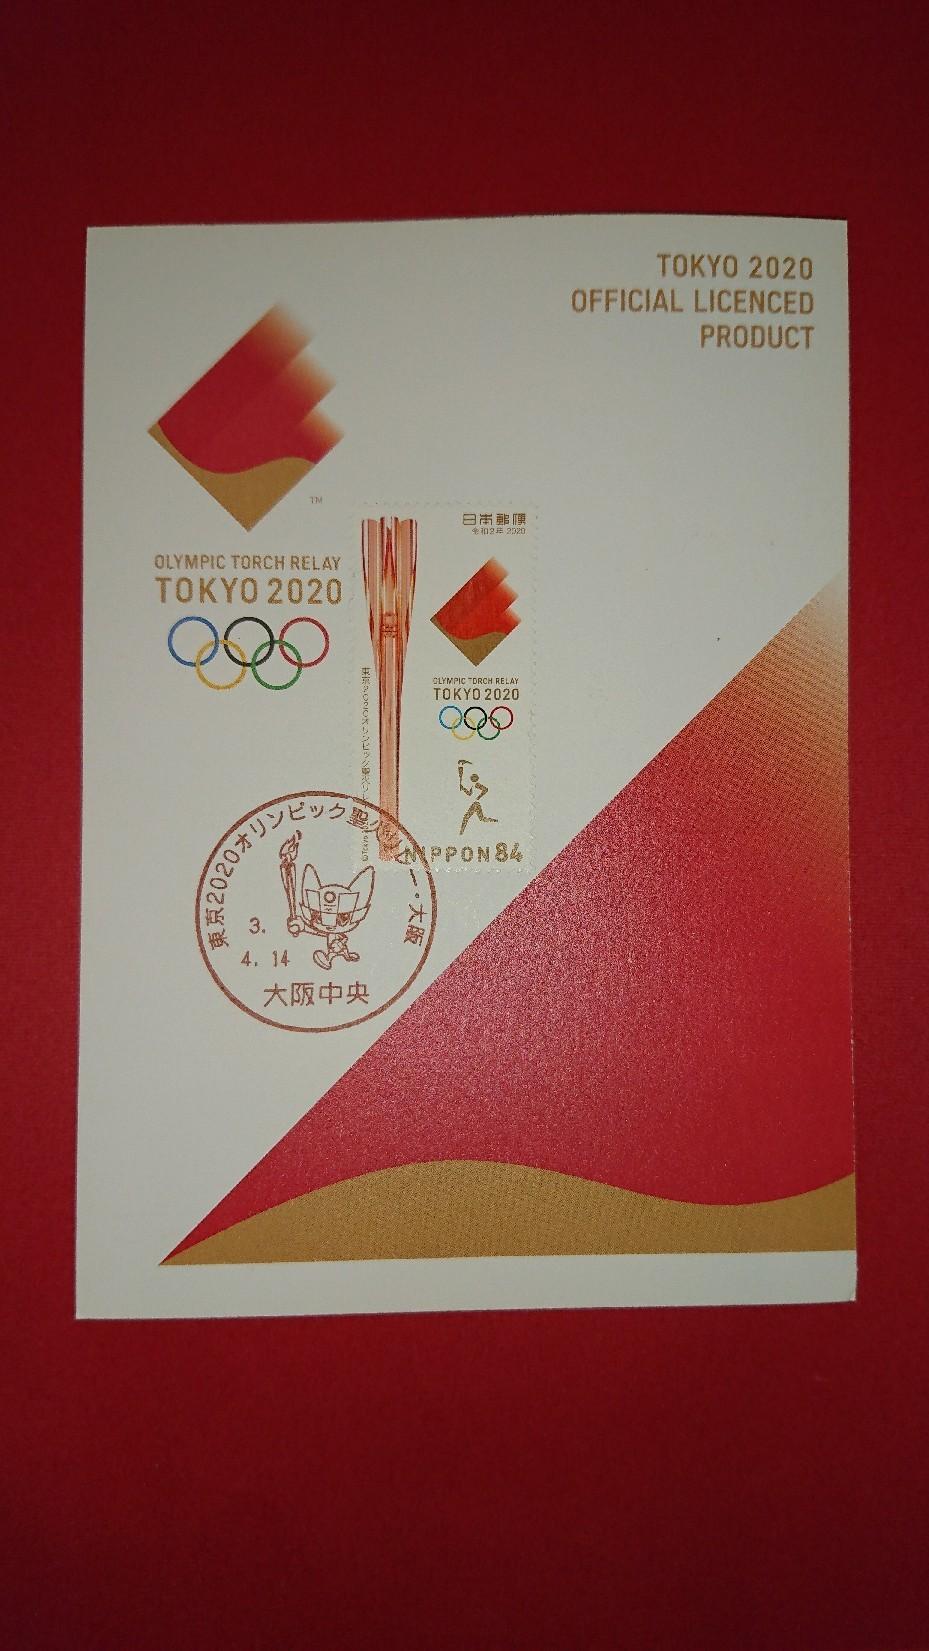 オリンピック聖火リレーの記念押印♪_b0124466_05234710.jpg